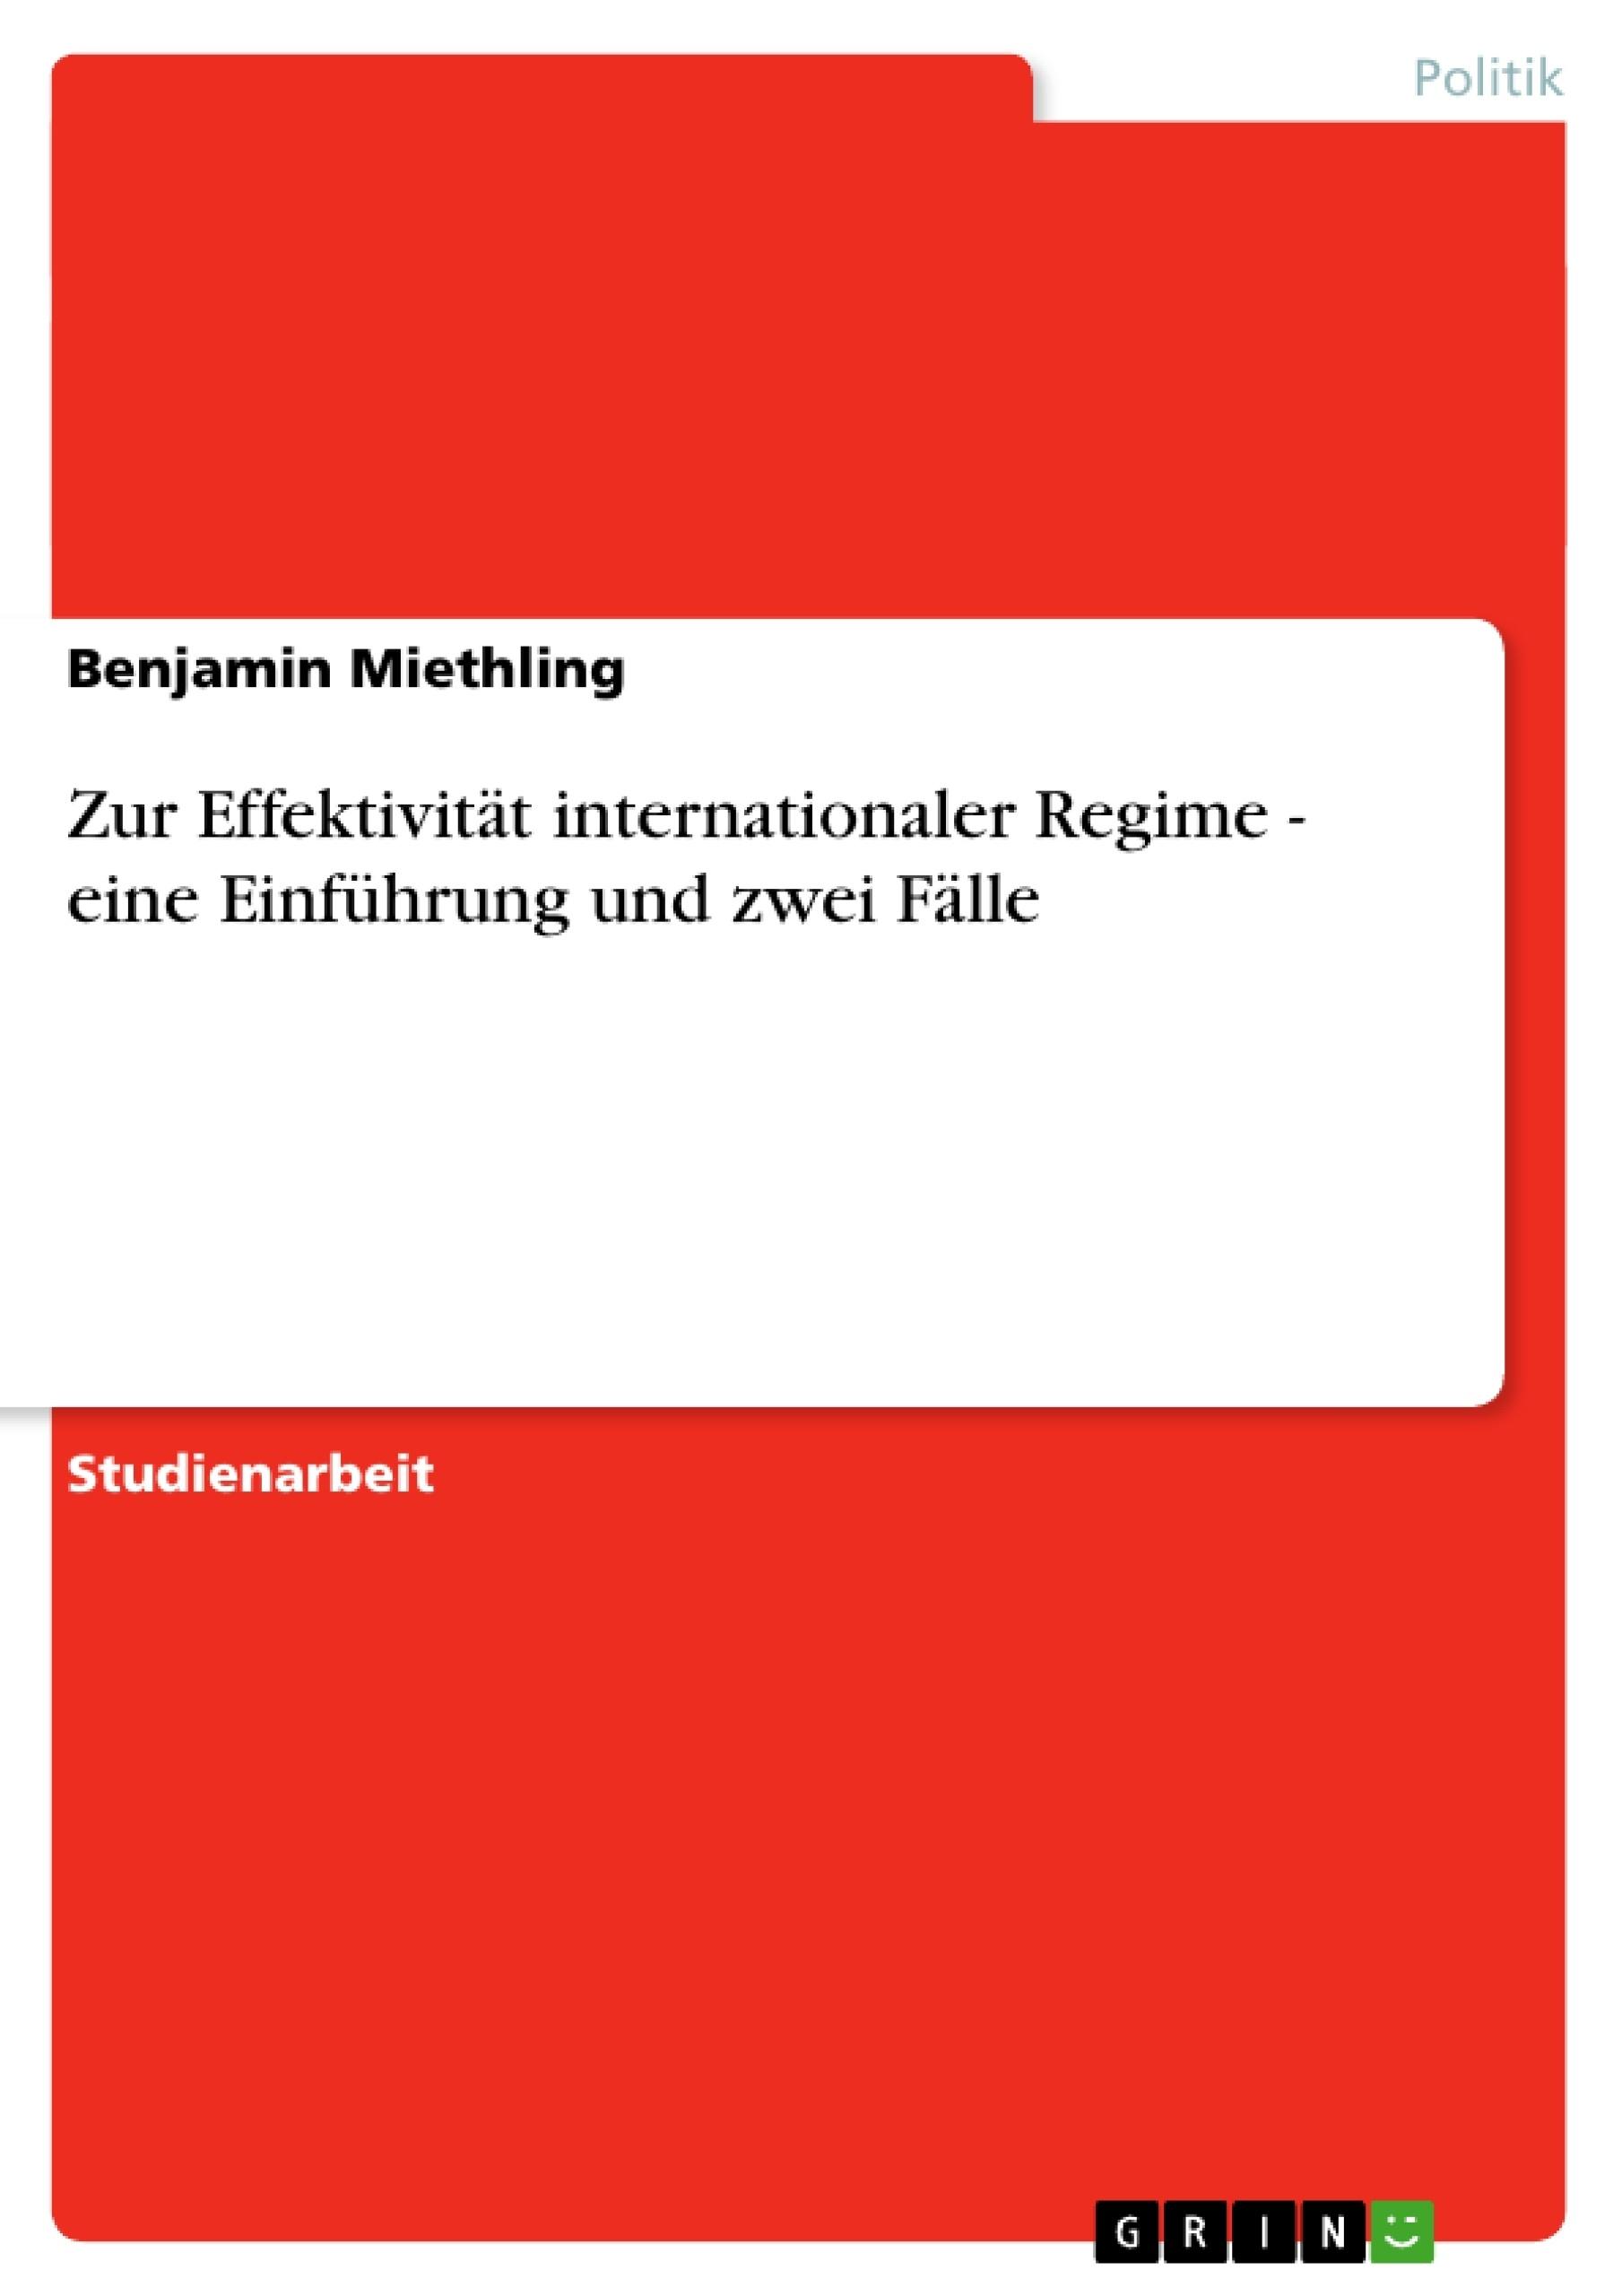 Titel: Zur Effektivität internationaler Regime - eine Einführung und zwei Fälle